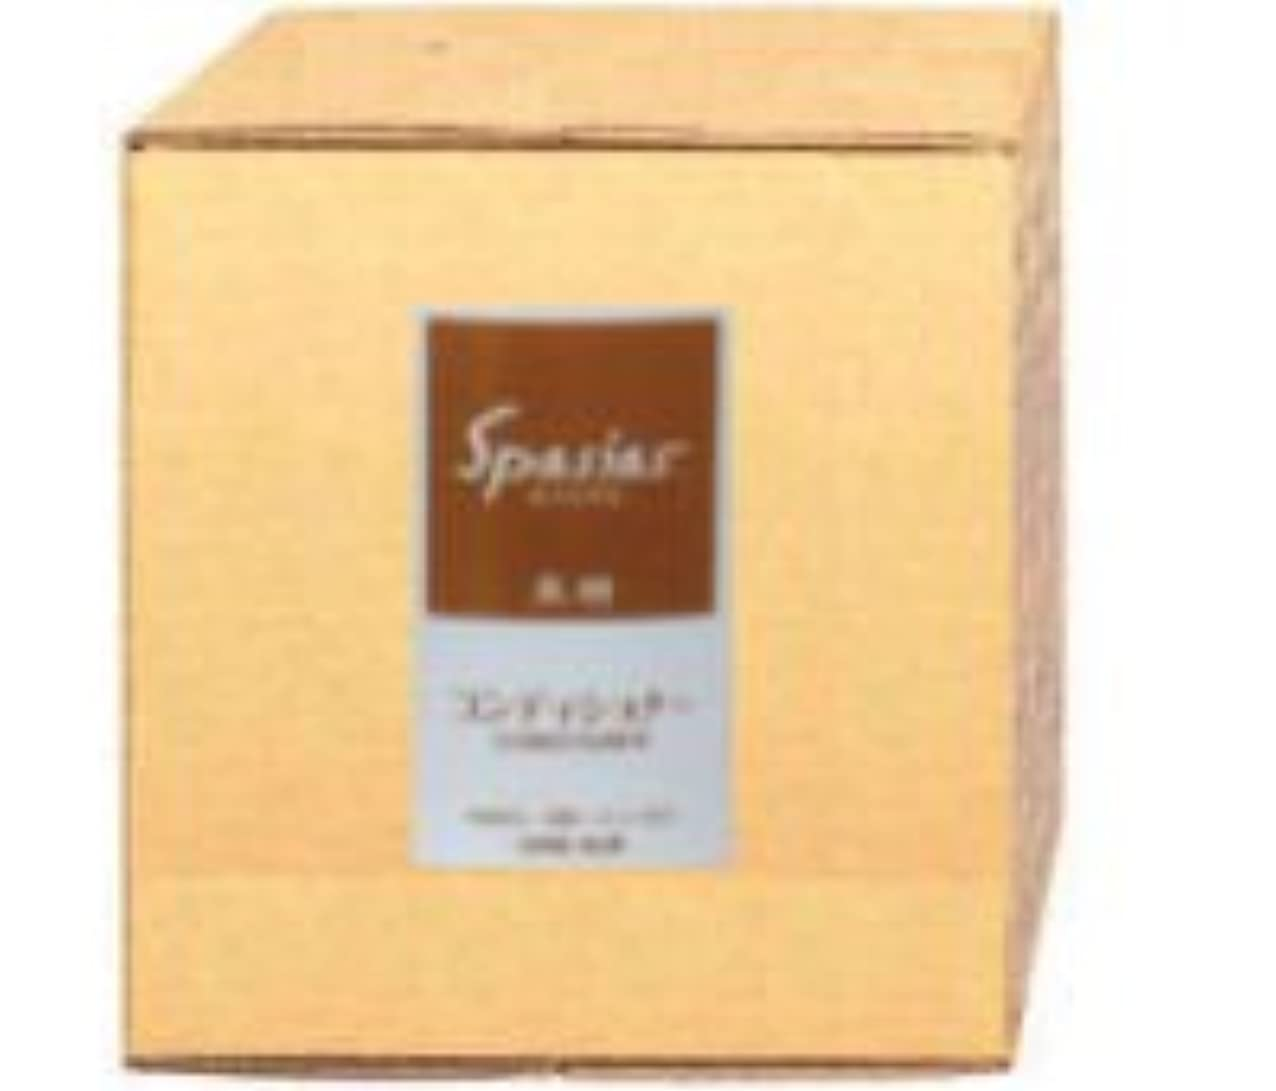 サイレントアラブ人高度フタバ化学 スパジアス黒糖コンディショナー 18L 業務用